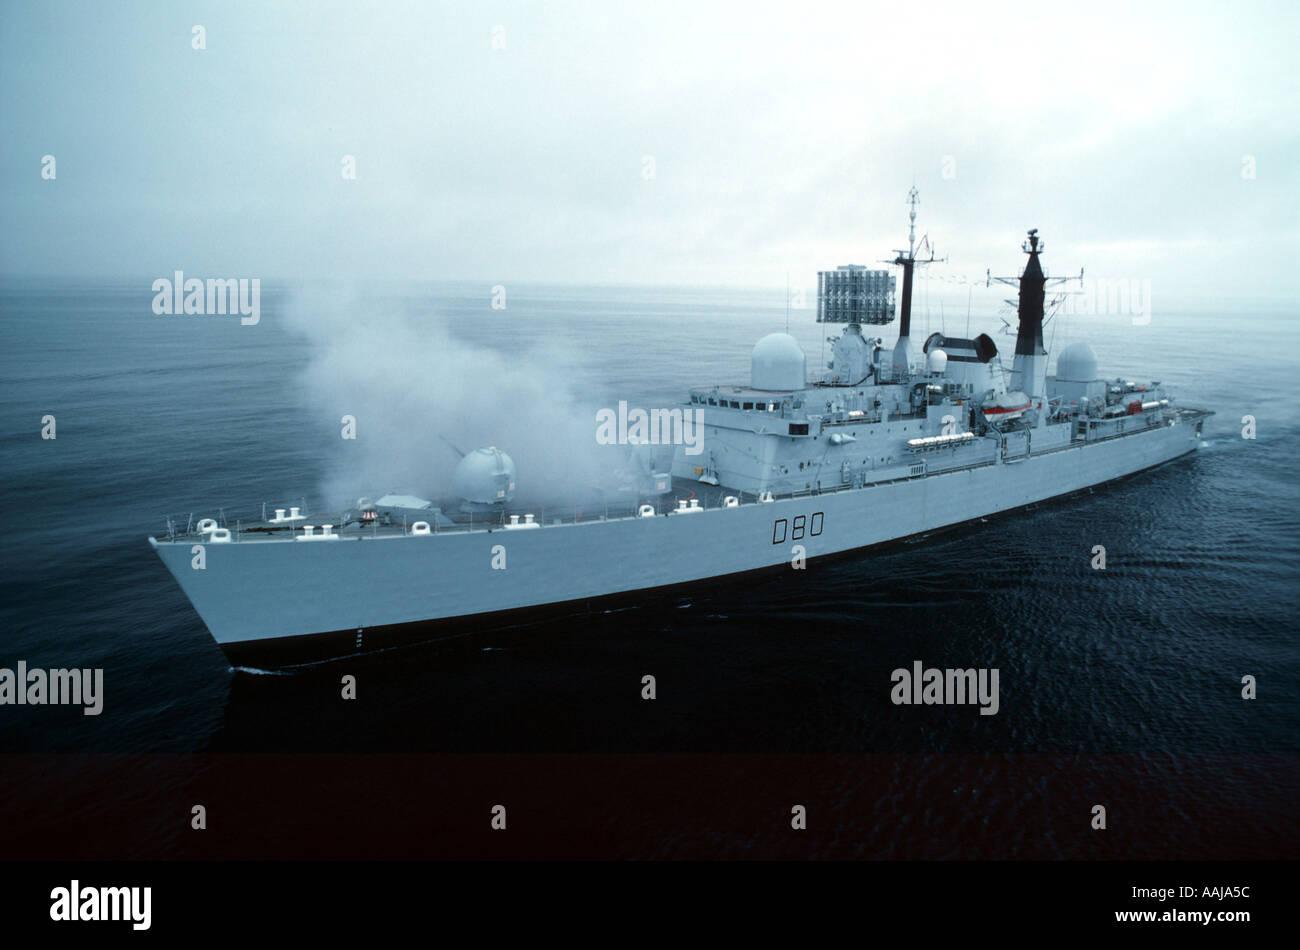 Royal Navy frigate at sea - Stock Image